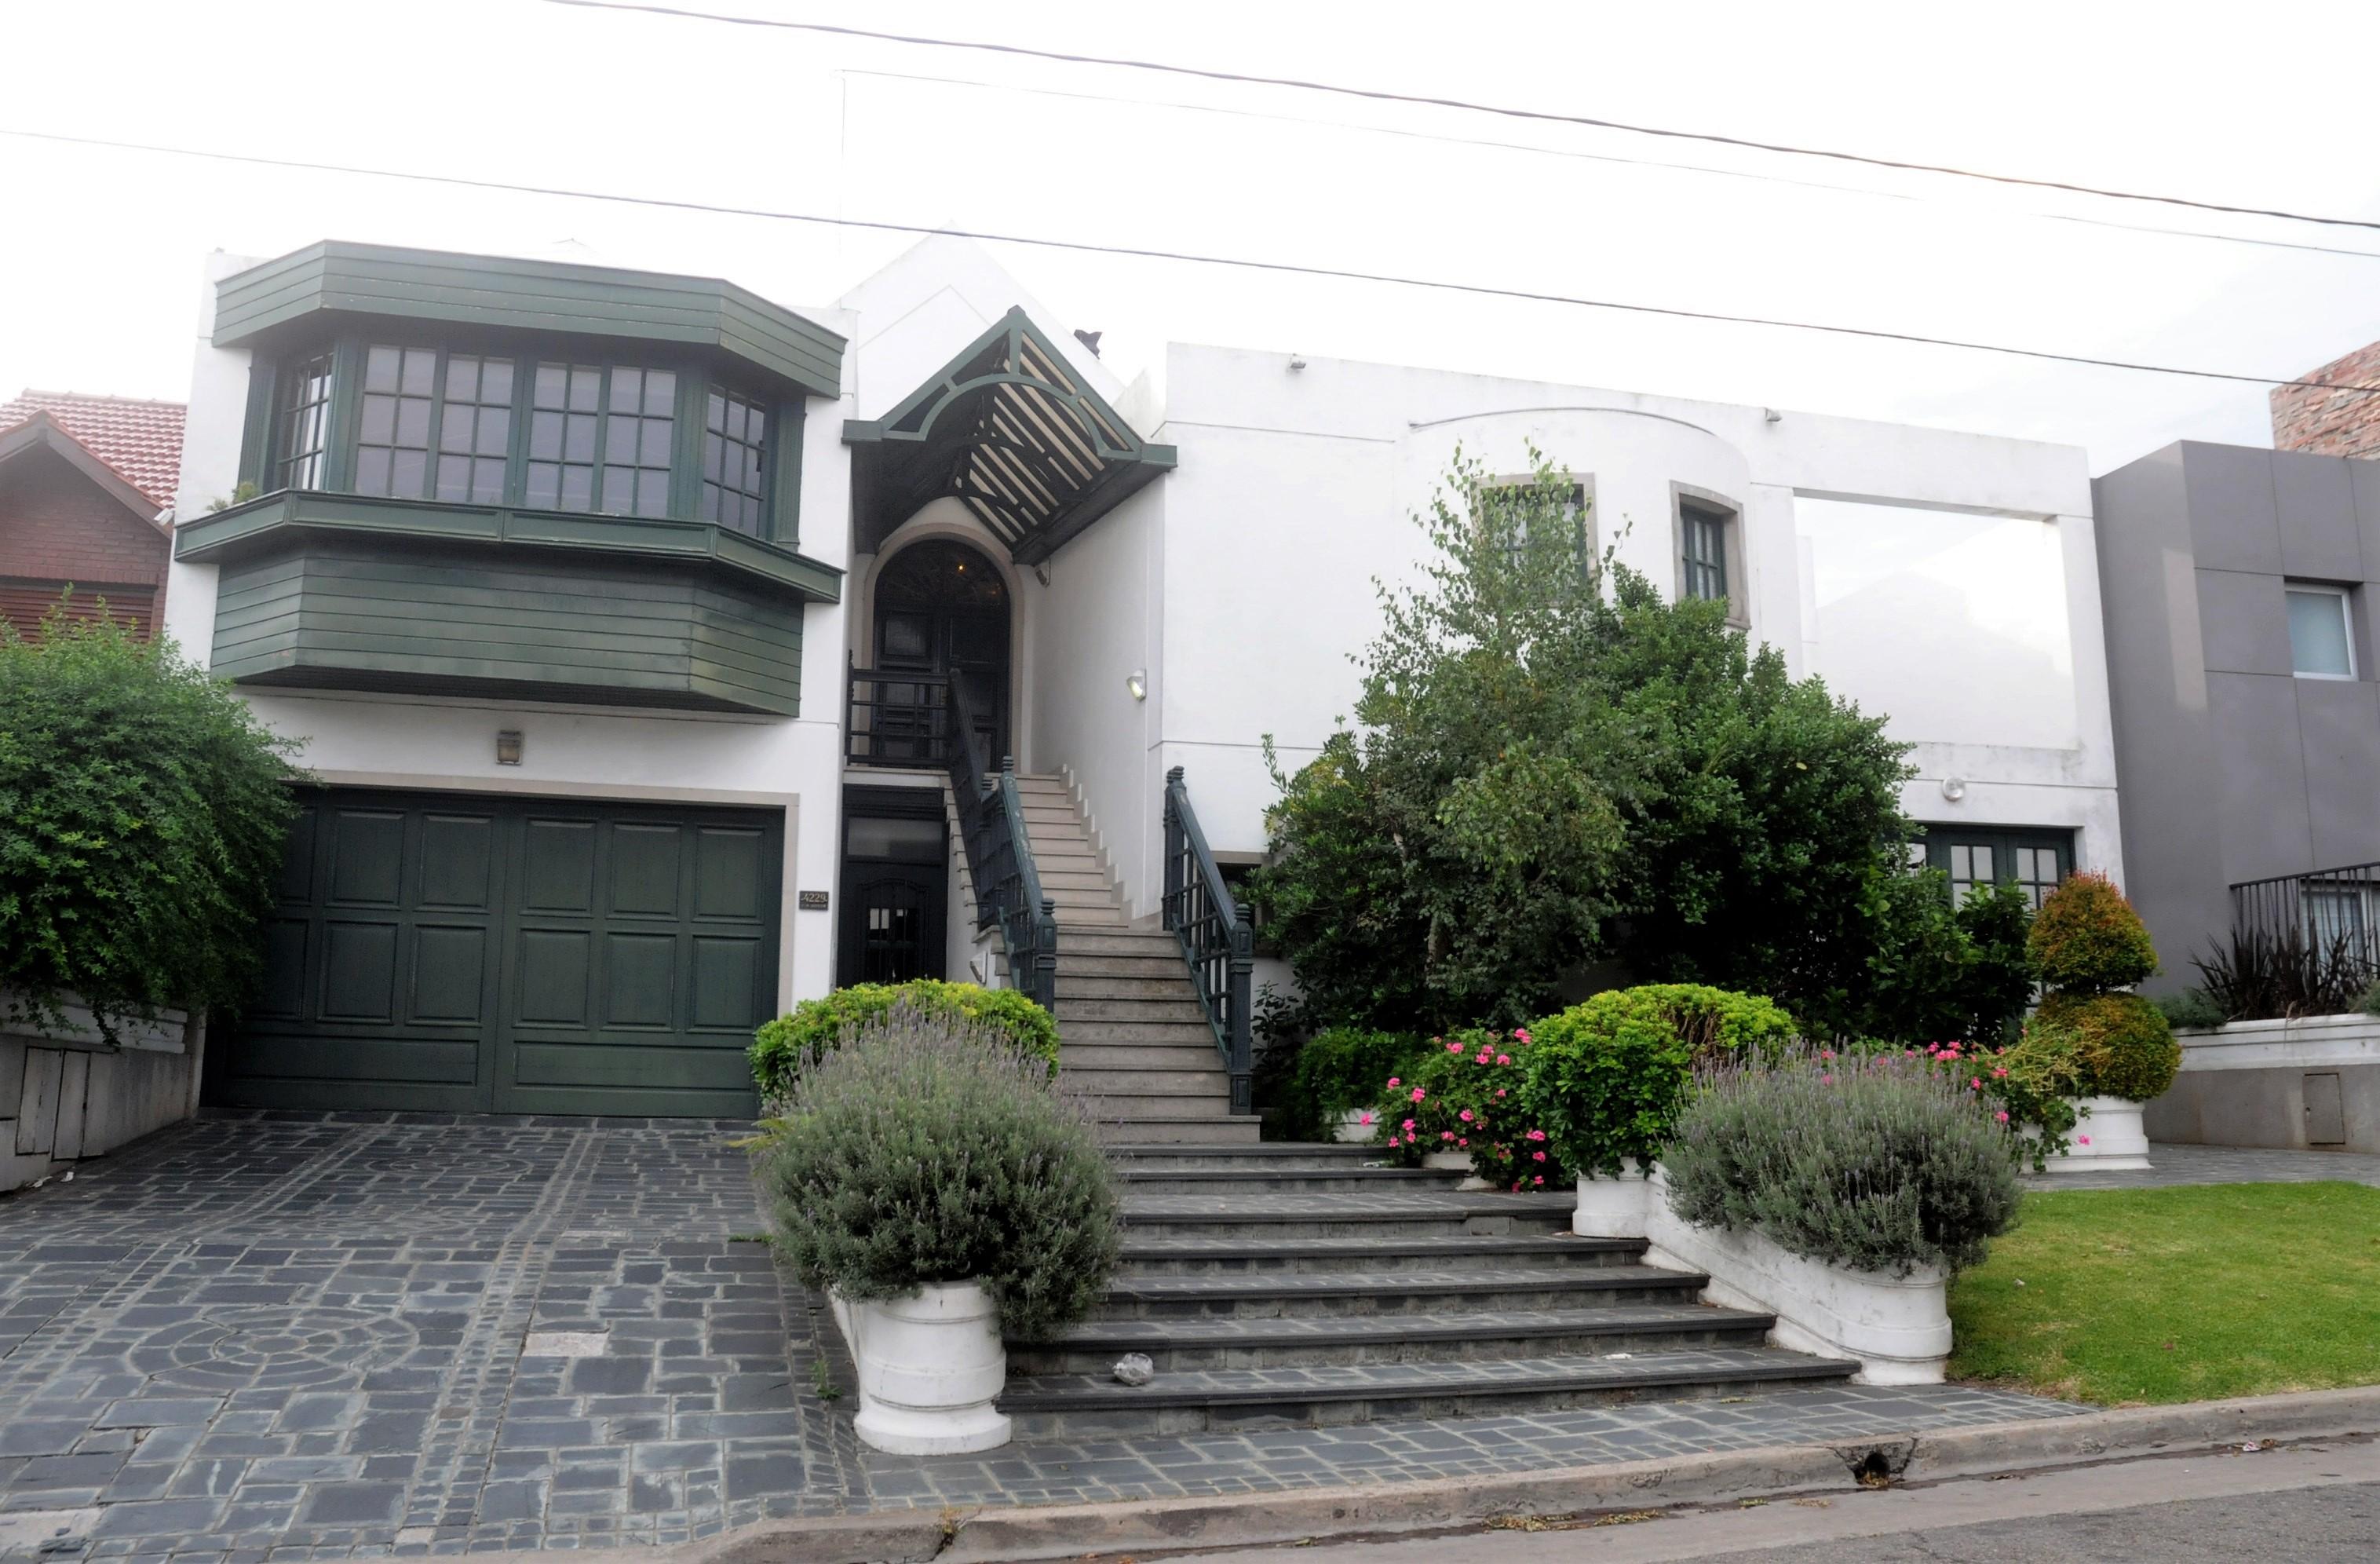 Otra de las viviendas denunciada por ruidos molestos es la ubicada al 4200 de Alvear.